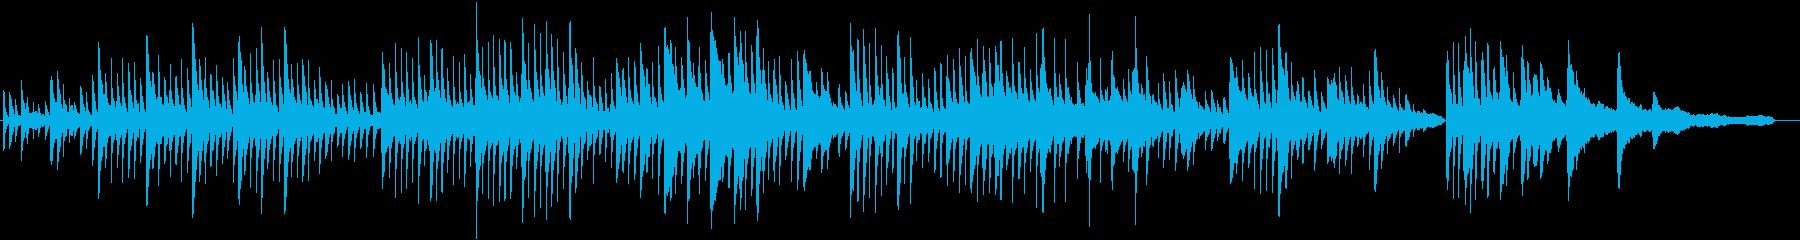 ヒーリングピアノ組曲 まどろみ 4の再生済みの波形